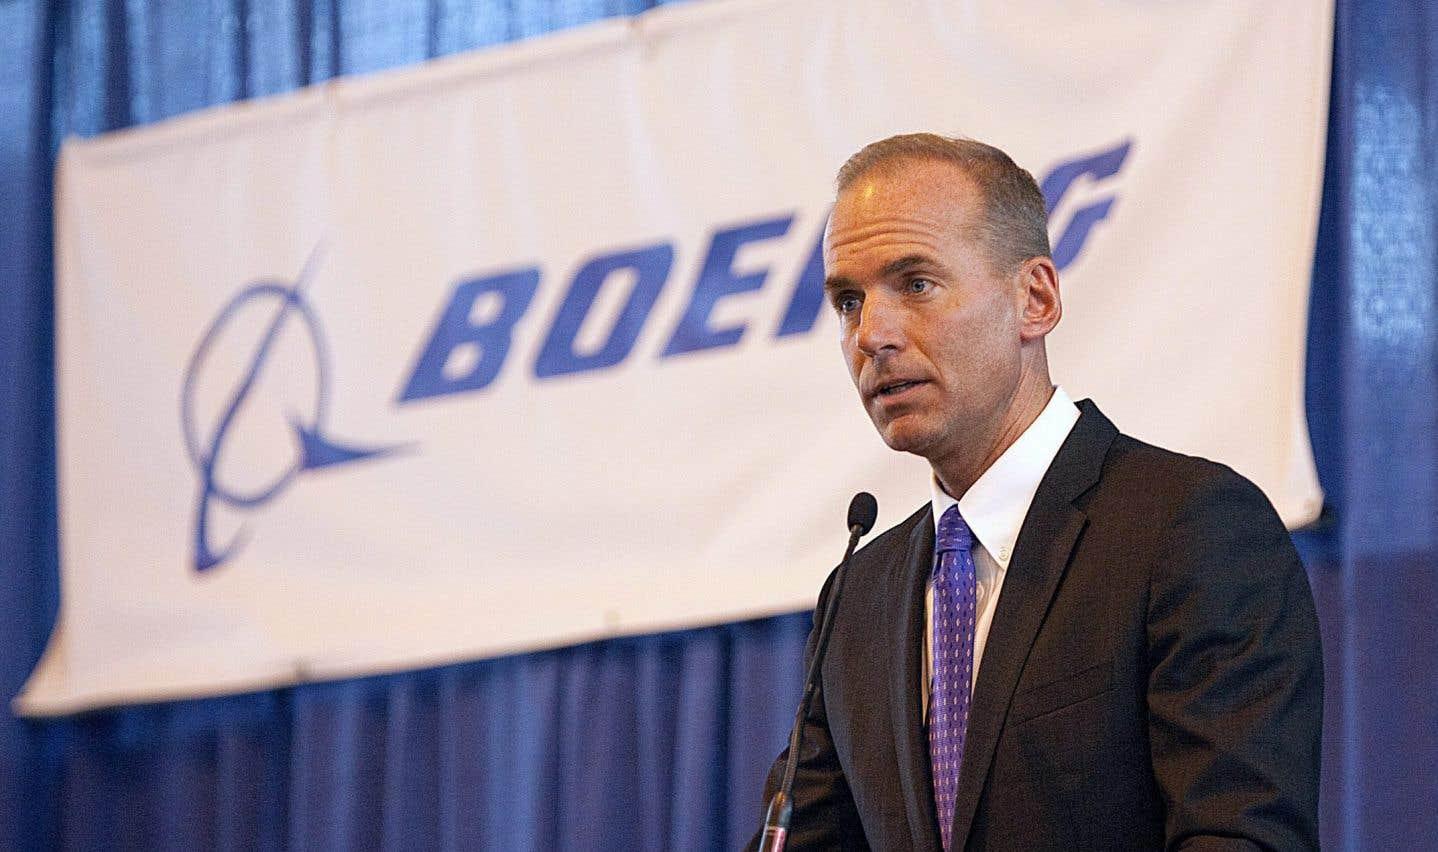 Le chef de la direction de Boeing, Dennis Muilenburg, a expliqué, mercredi au cours d'une conférence téléphonique, qu'il voulait d'abord comprendre pourquoi l'organisme américain avait estimé que la CSeries ne portait pas préjudice à l'avionneur américain.